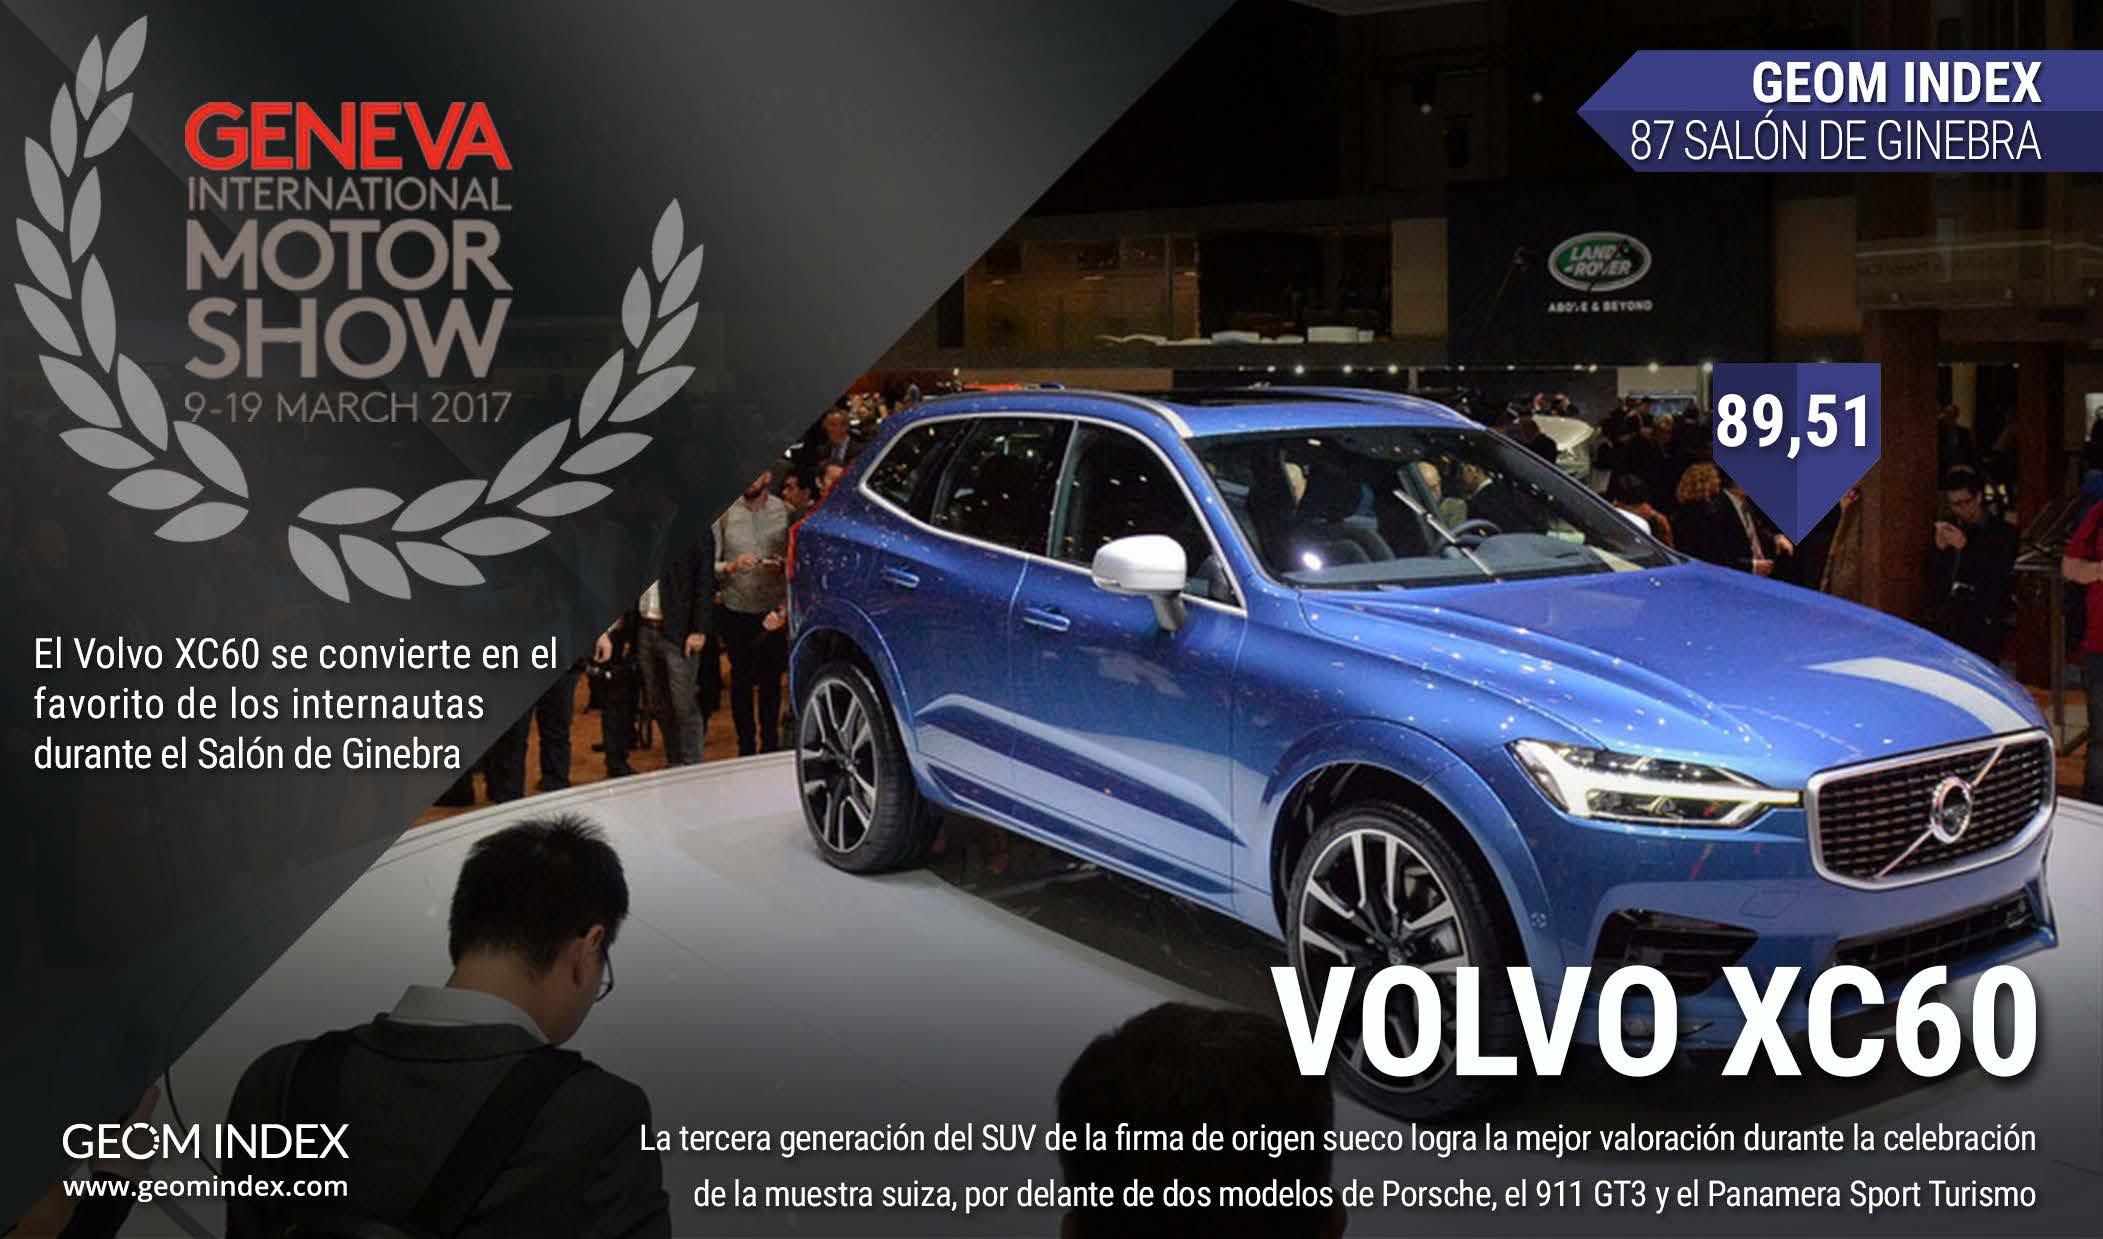 El Volvo XC60, el favorito del Salón de Ginebra 2017